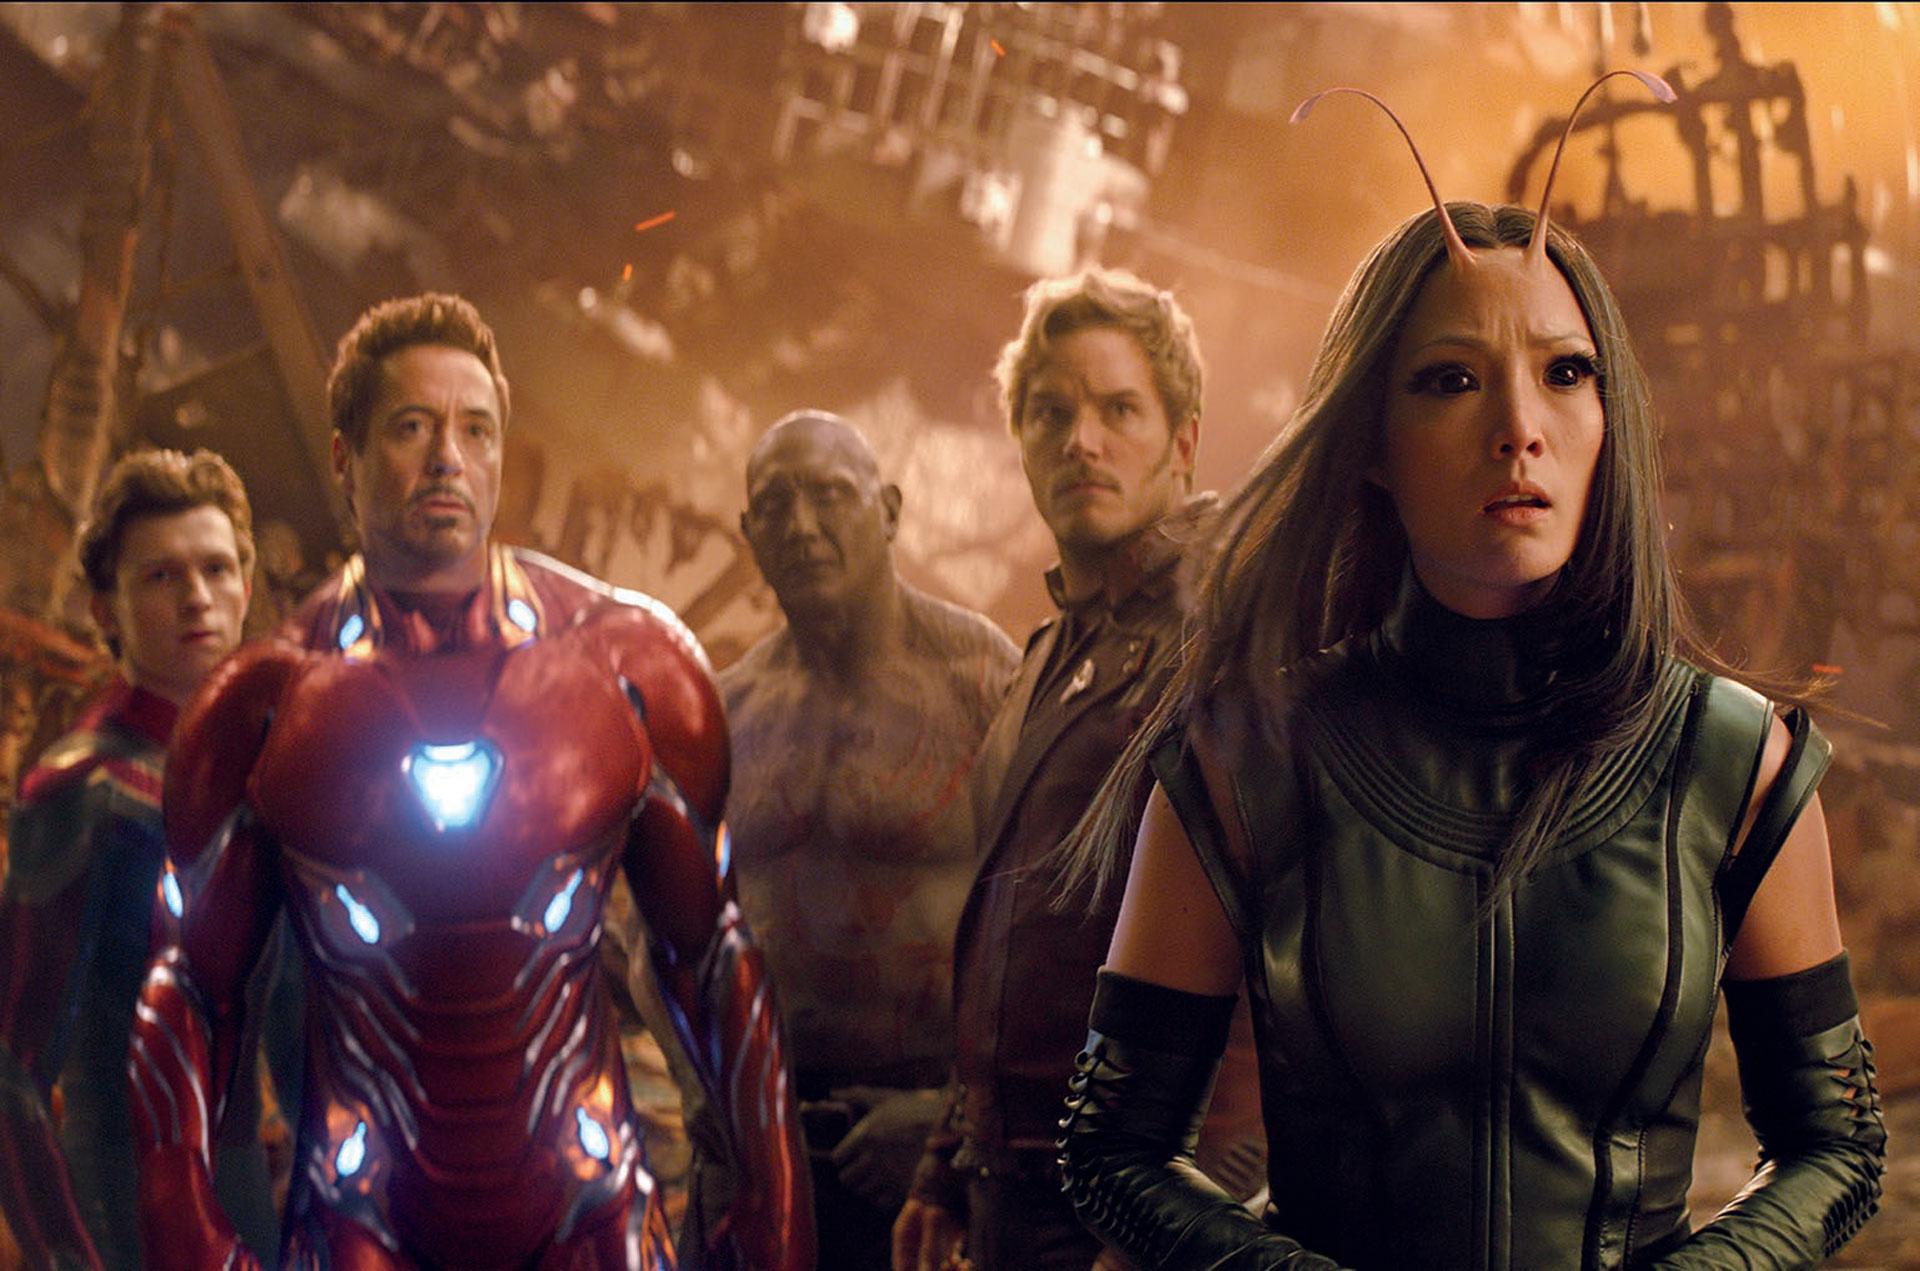 Juntos, de cara al peligro: Mantis, Star Lord, Ironman, Drax y Spiderman. Irresistible reunión de superhéroes, que promete sacudir la taquilla de todo el planeta.